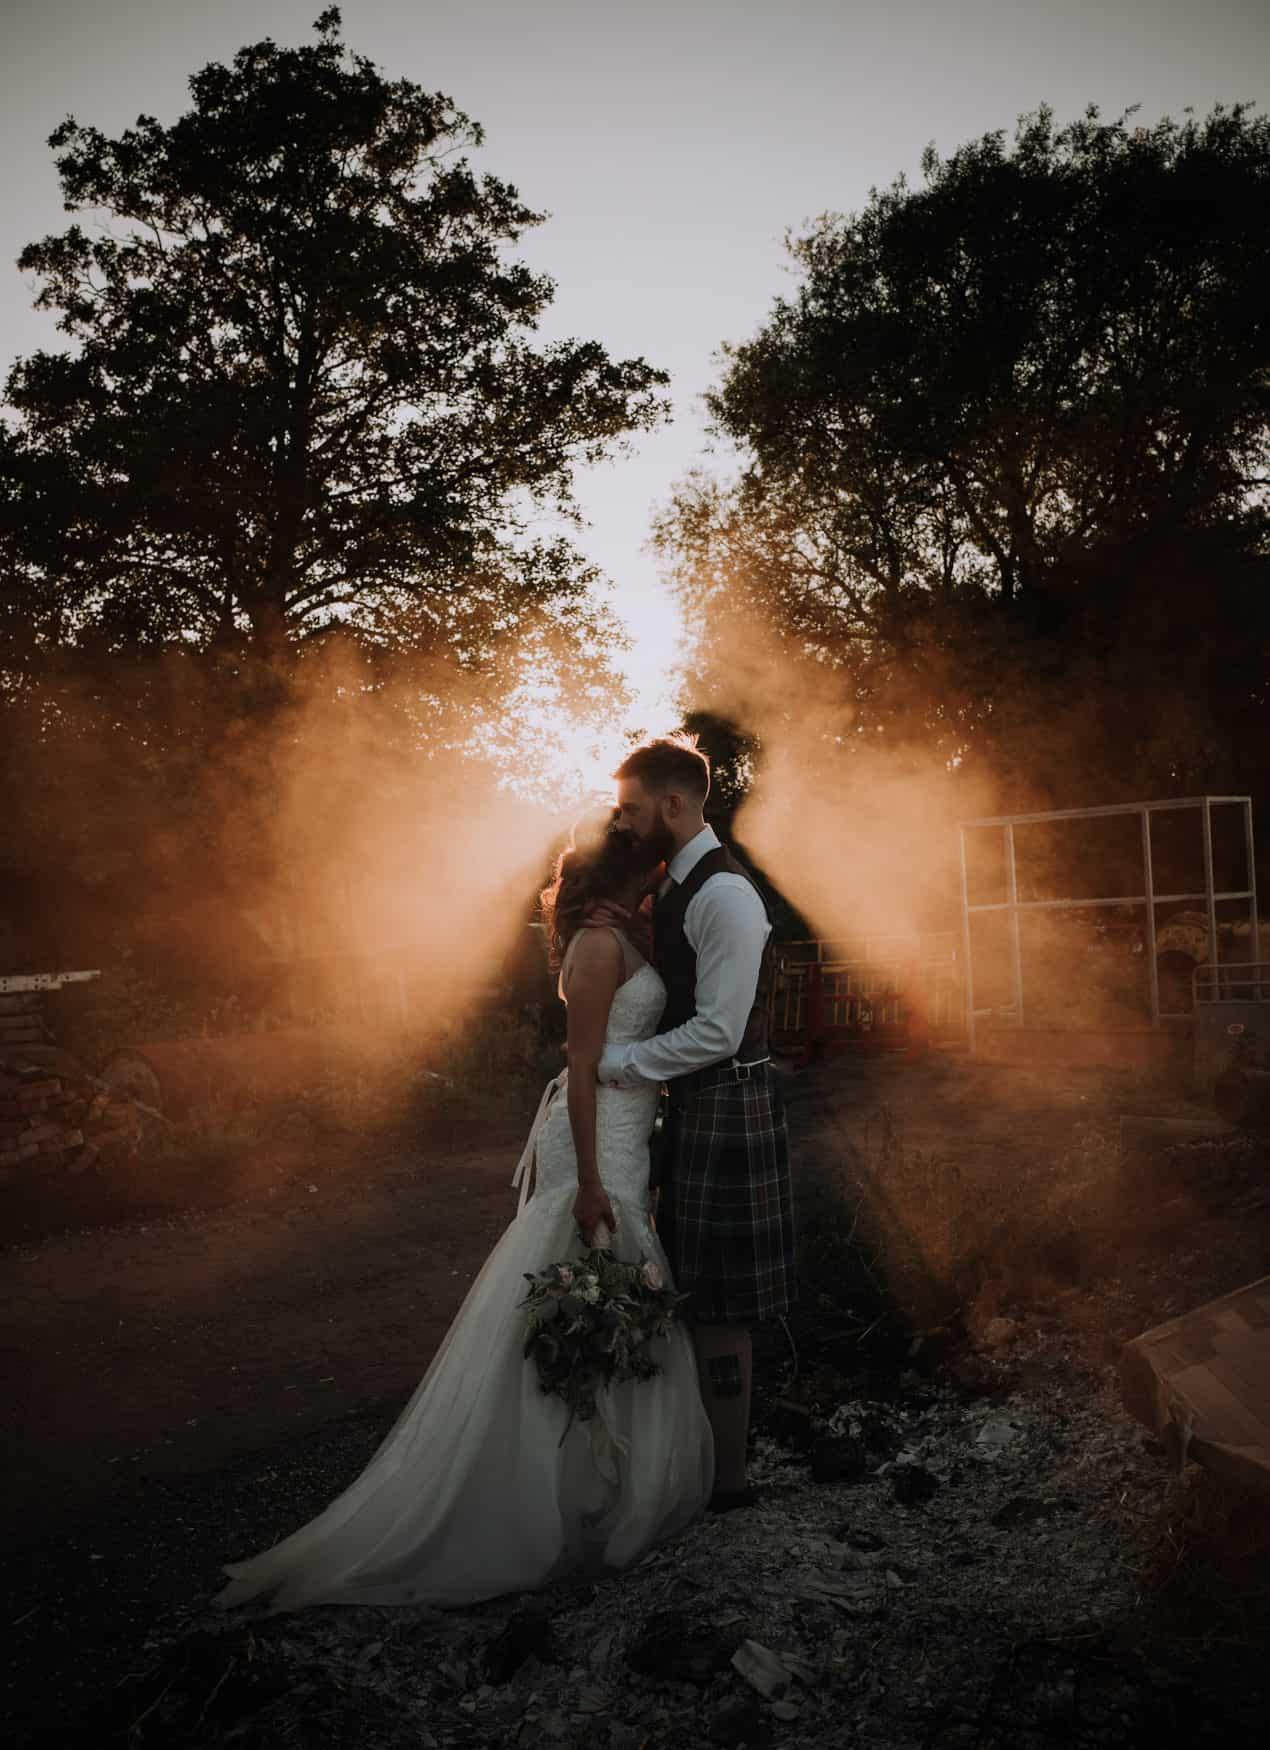 backlit Bride and groom